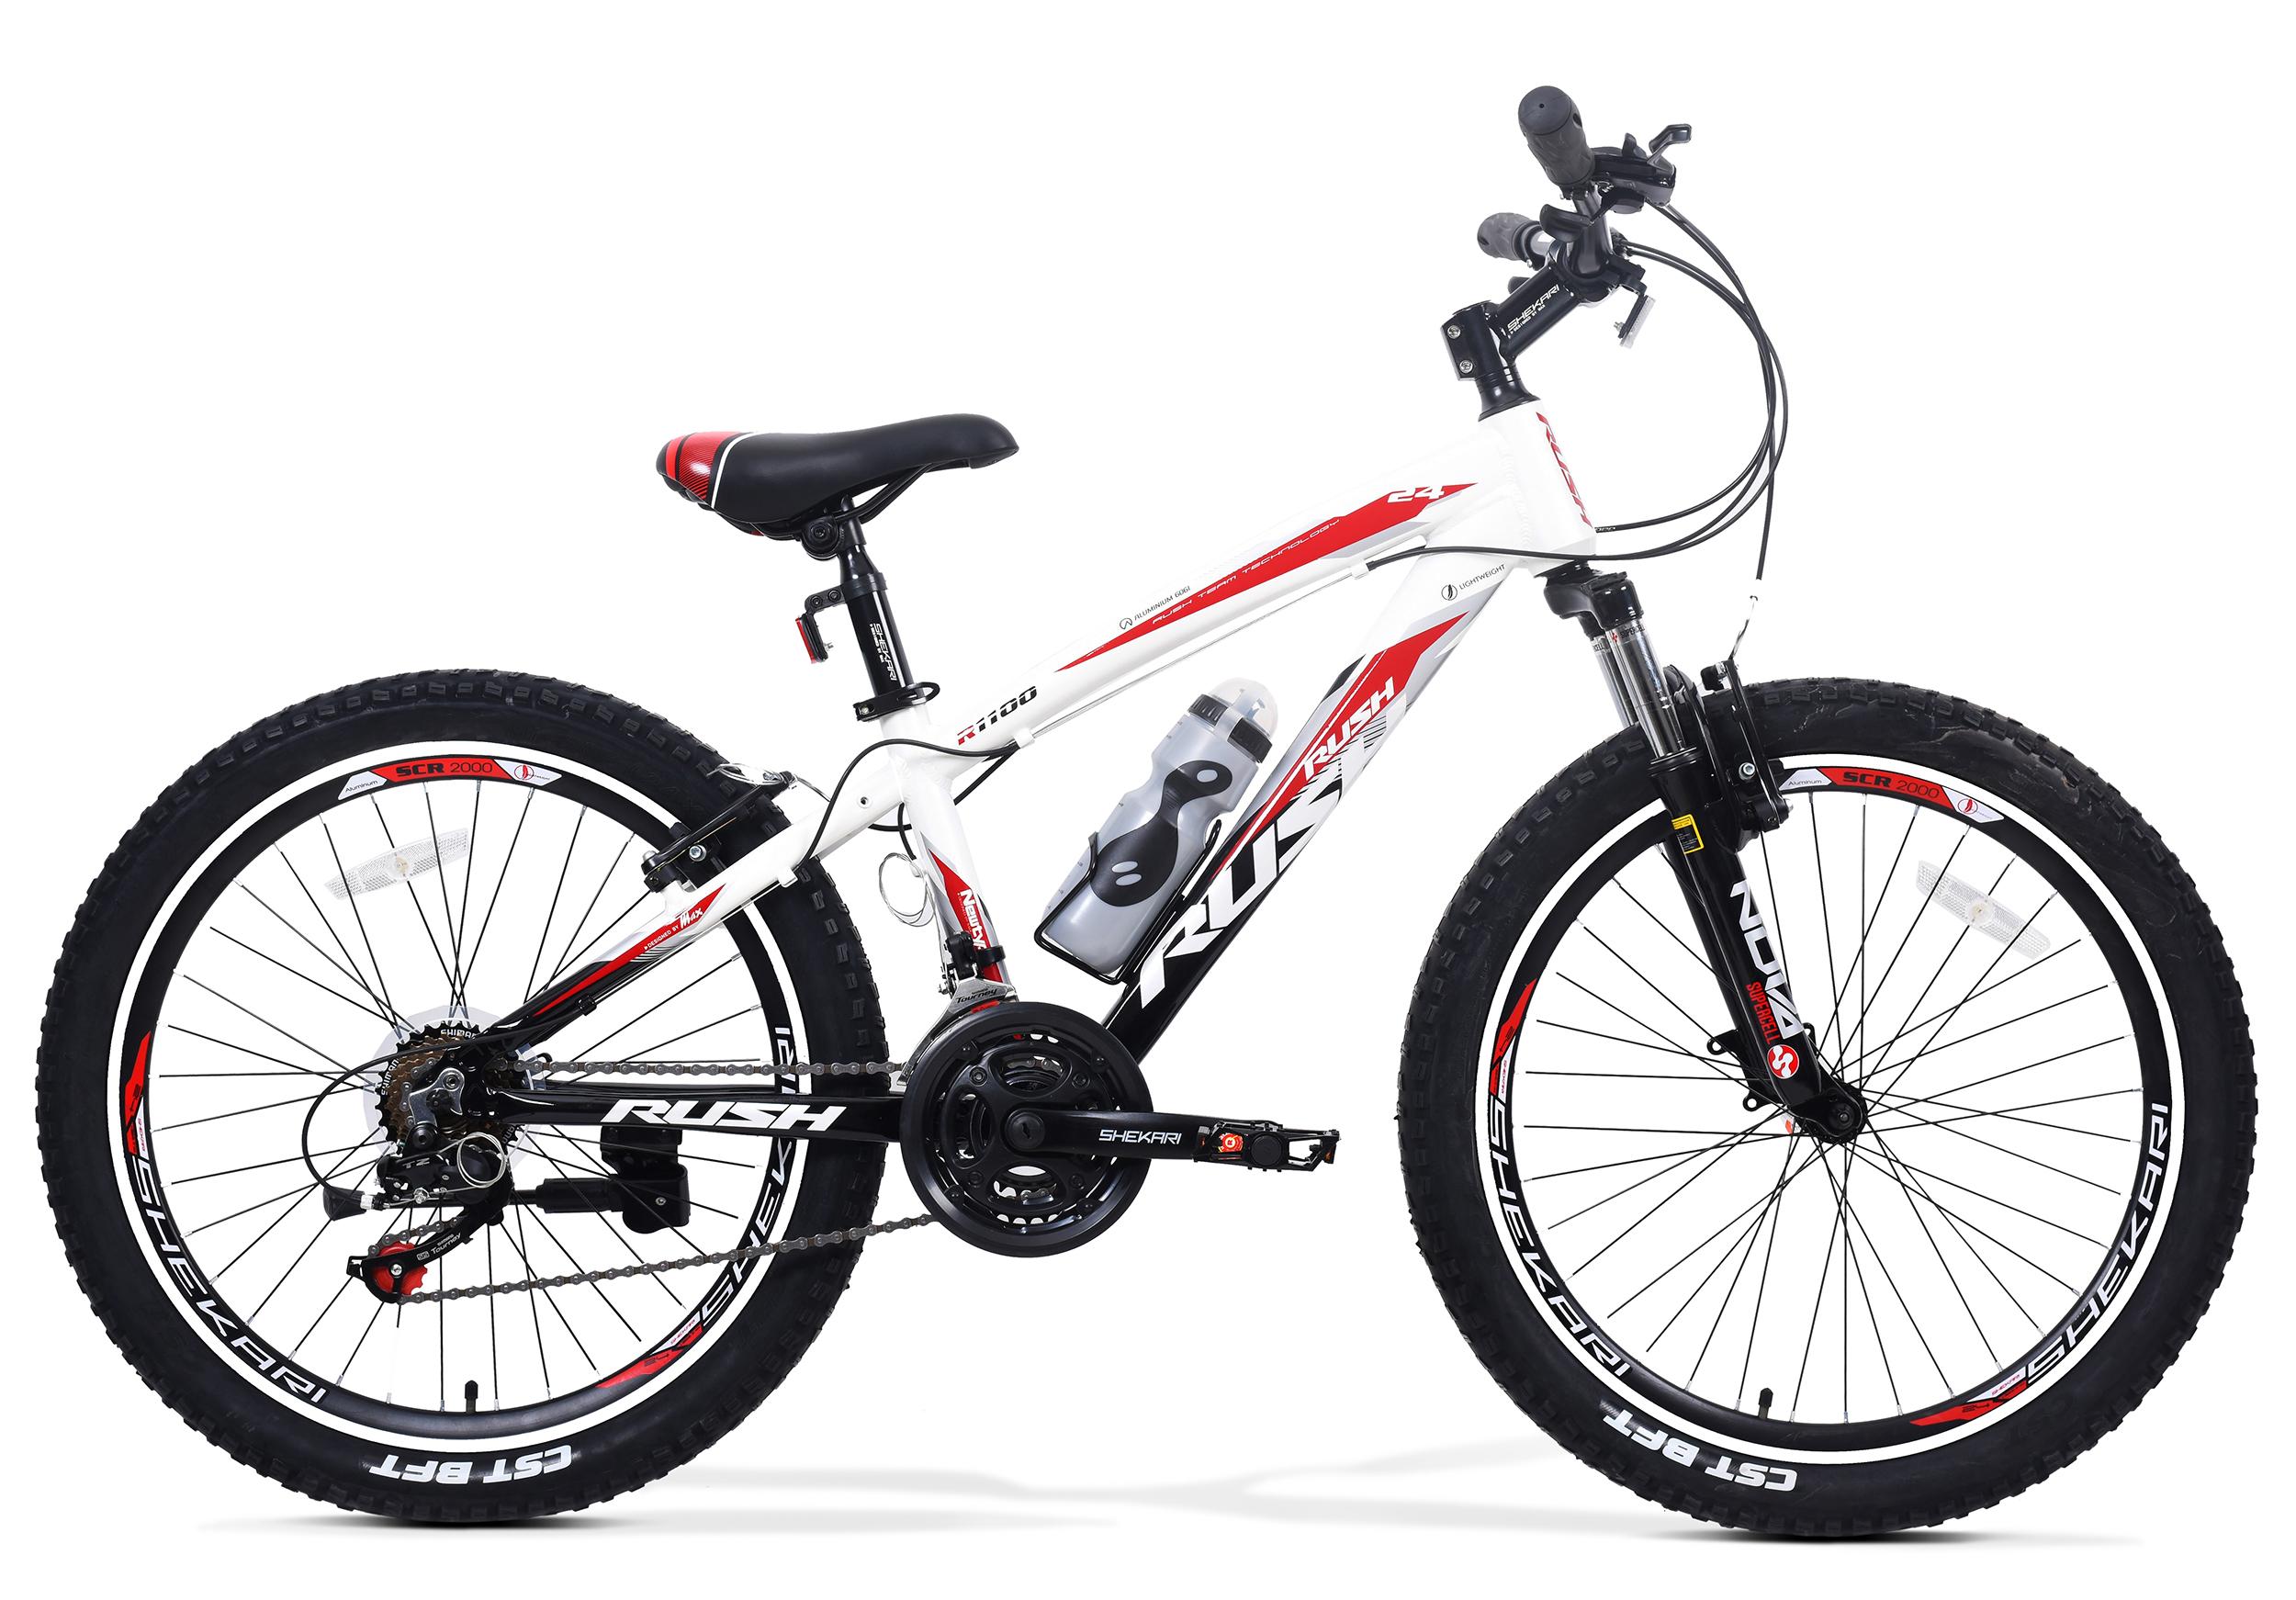 دوچرخه مدل R1100